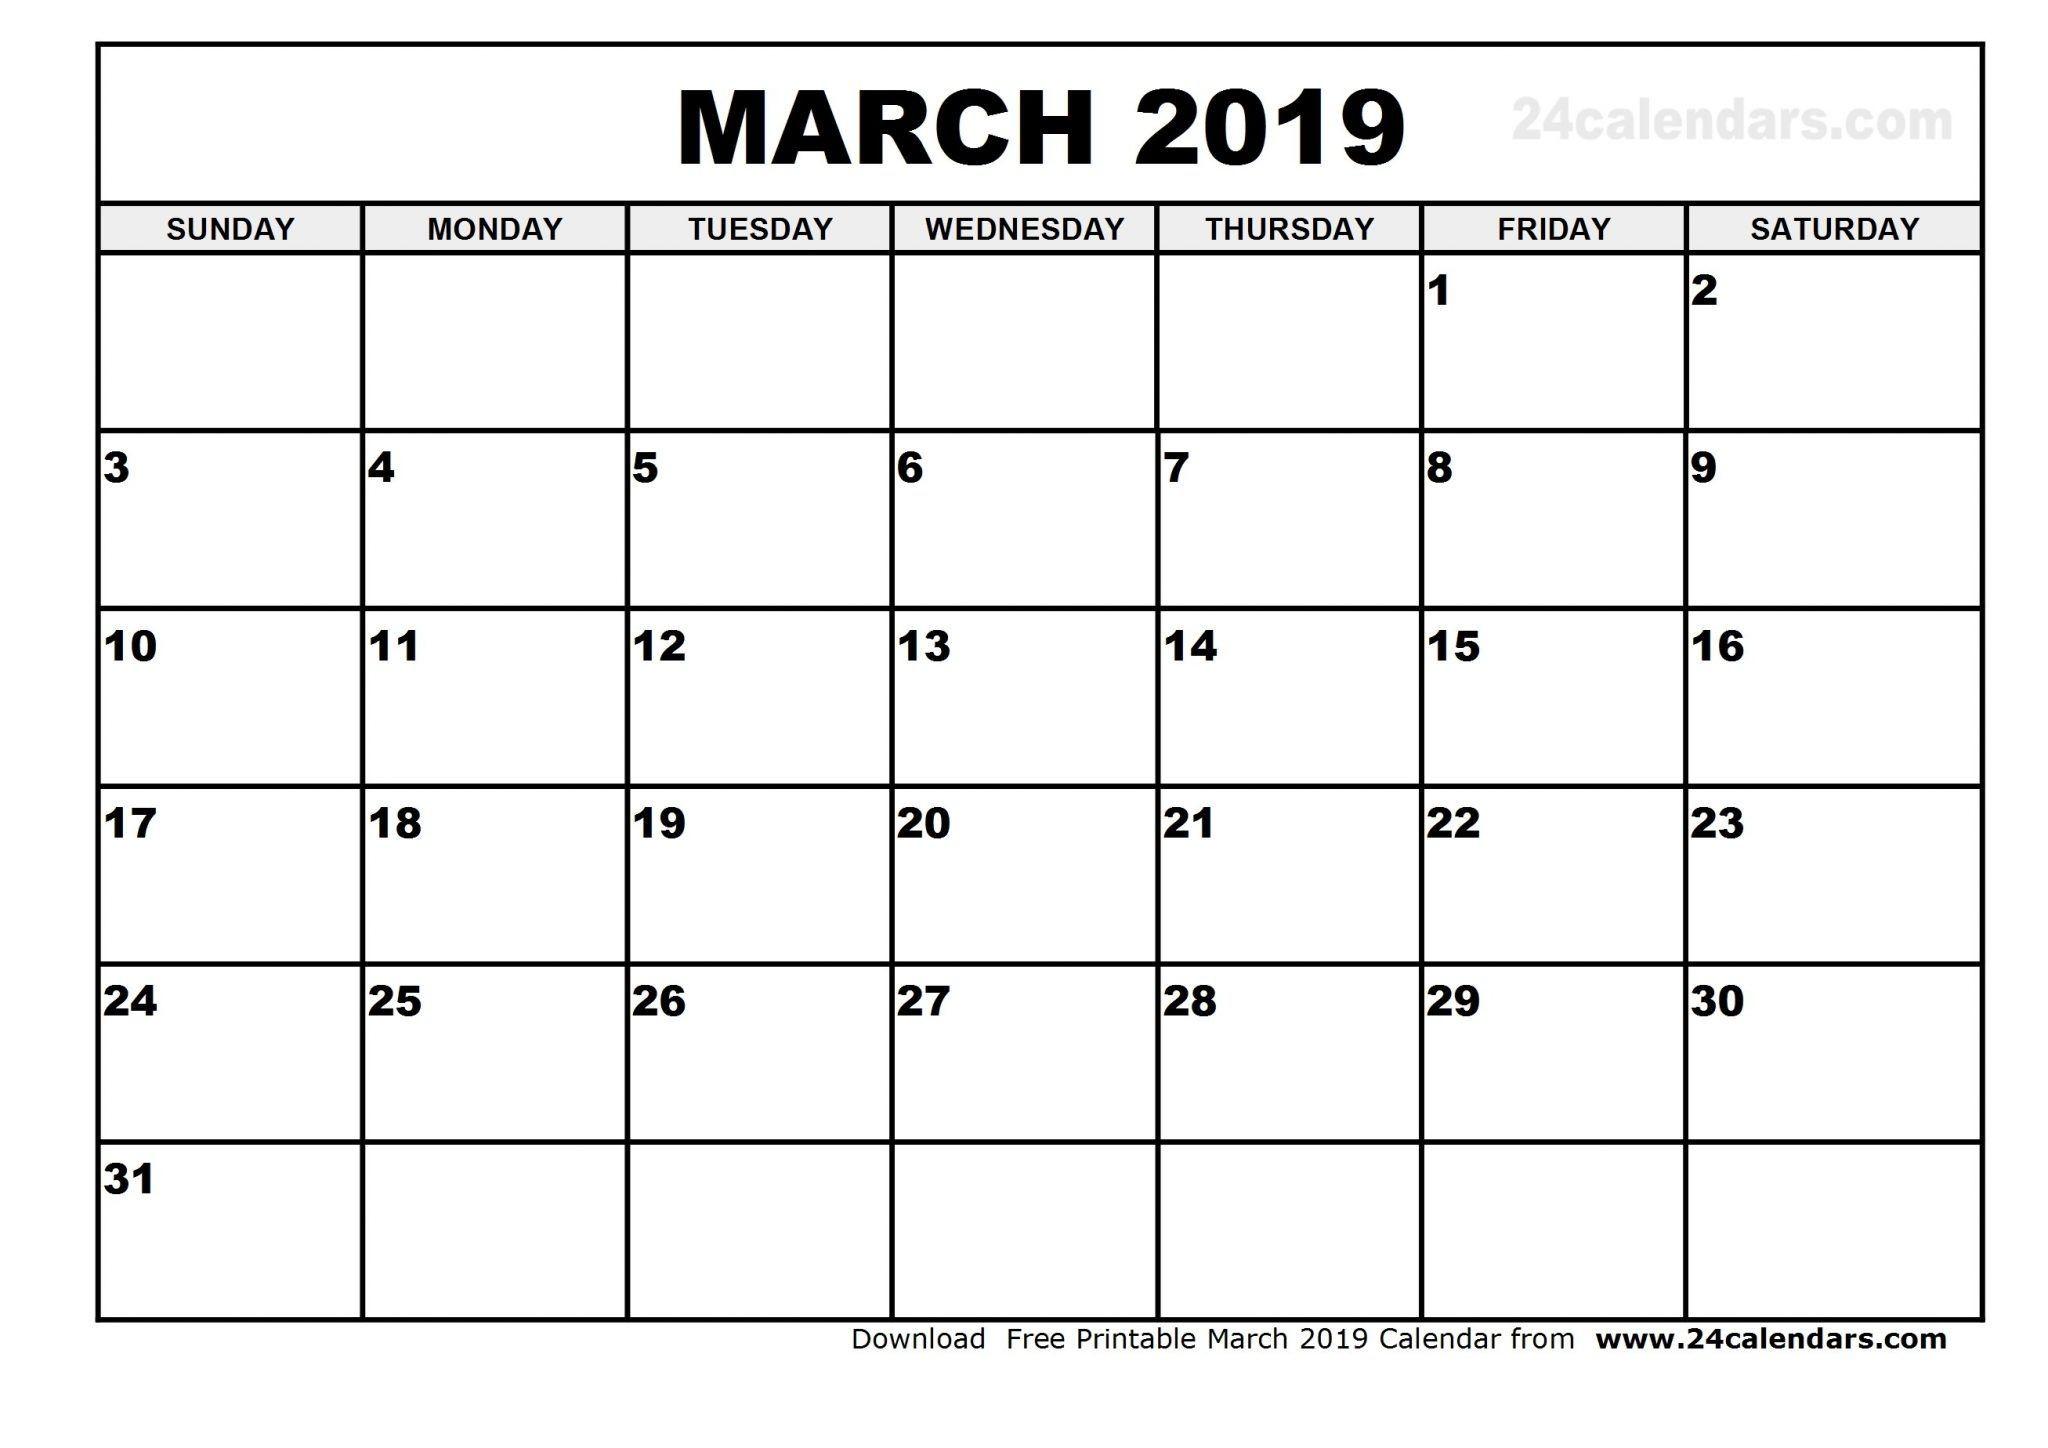 Calendario 2019 Peru Descargar Actual Template March 2019 Calendar Template